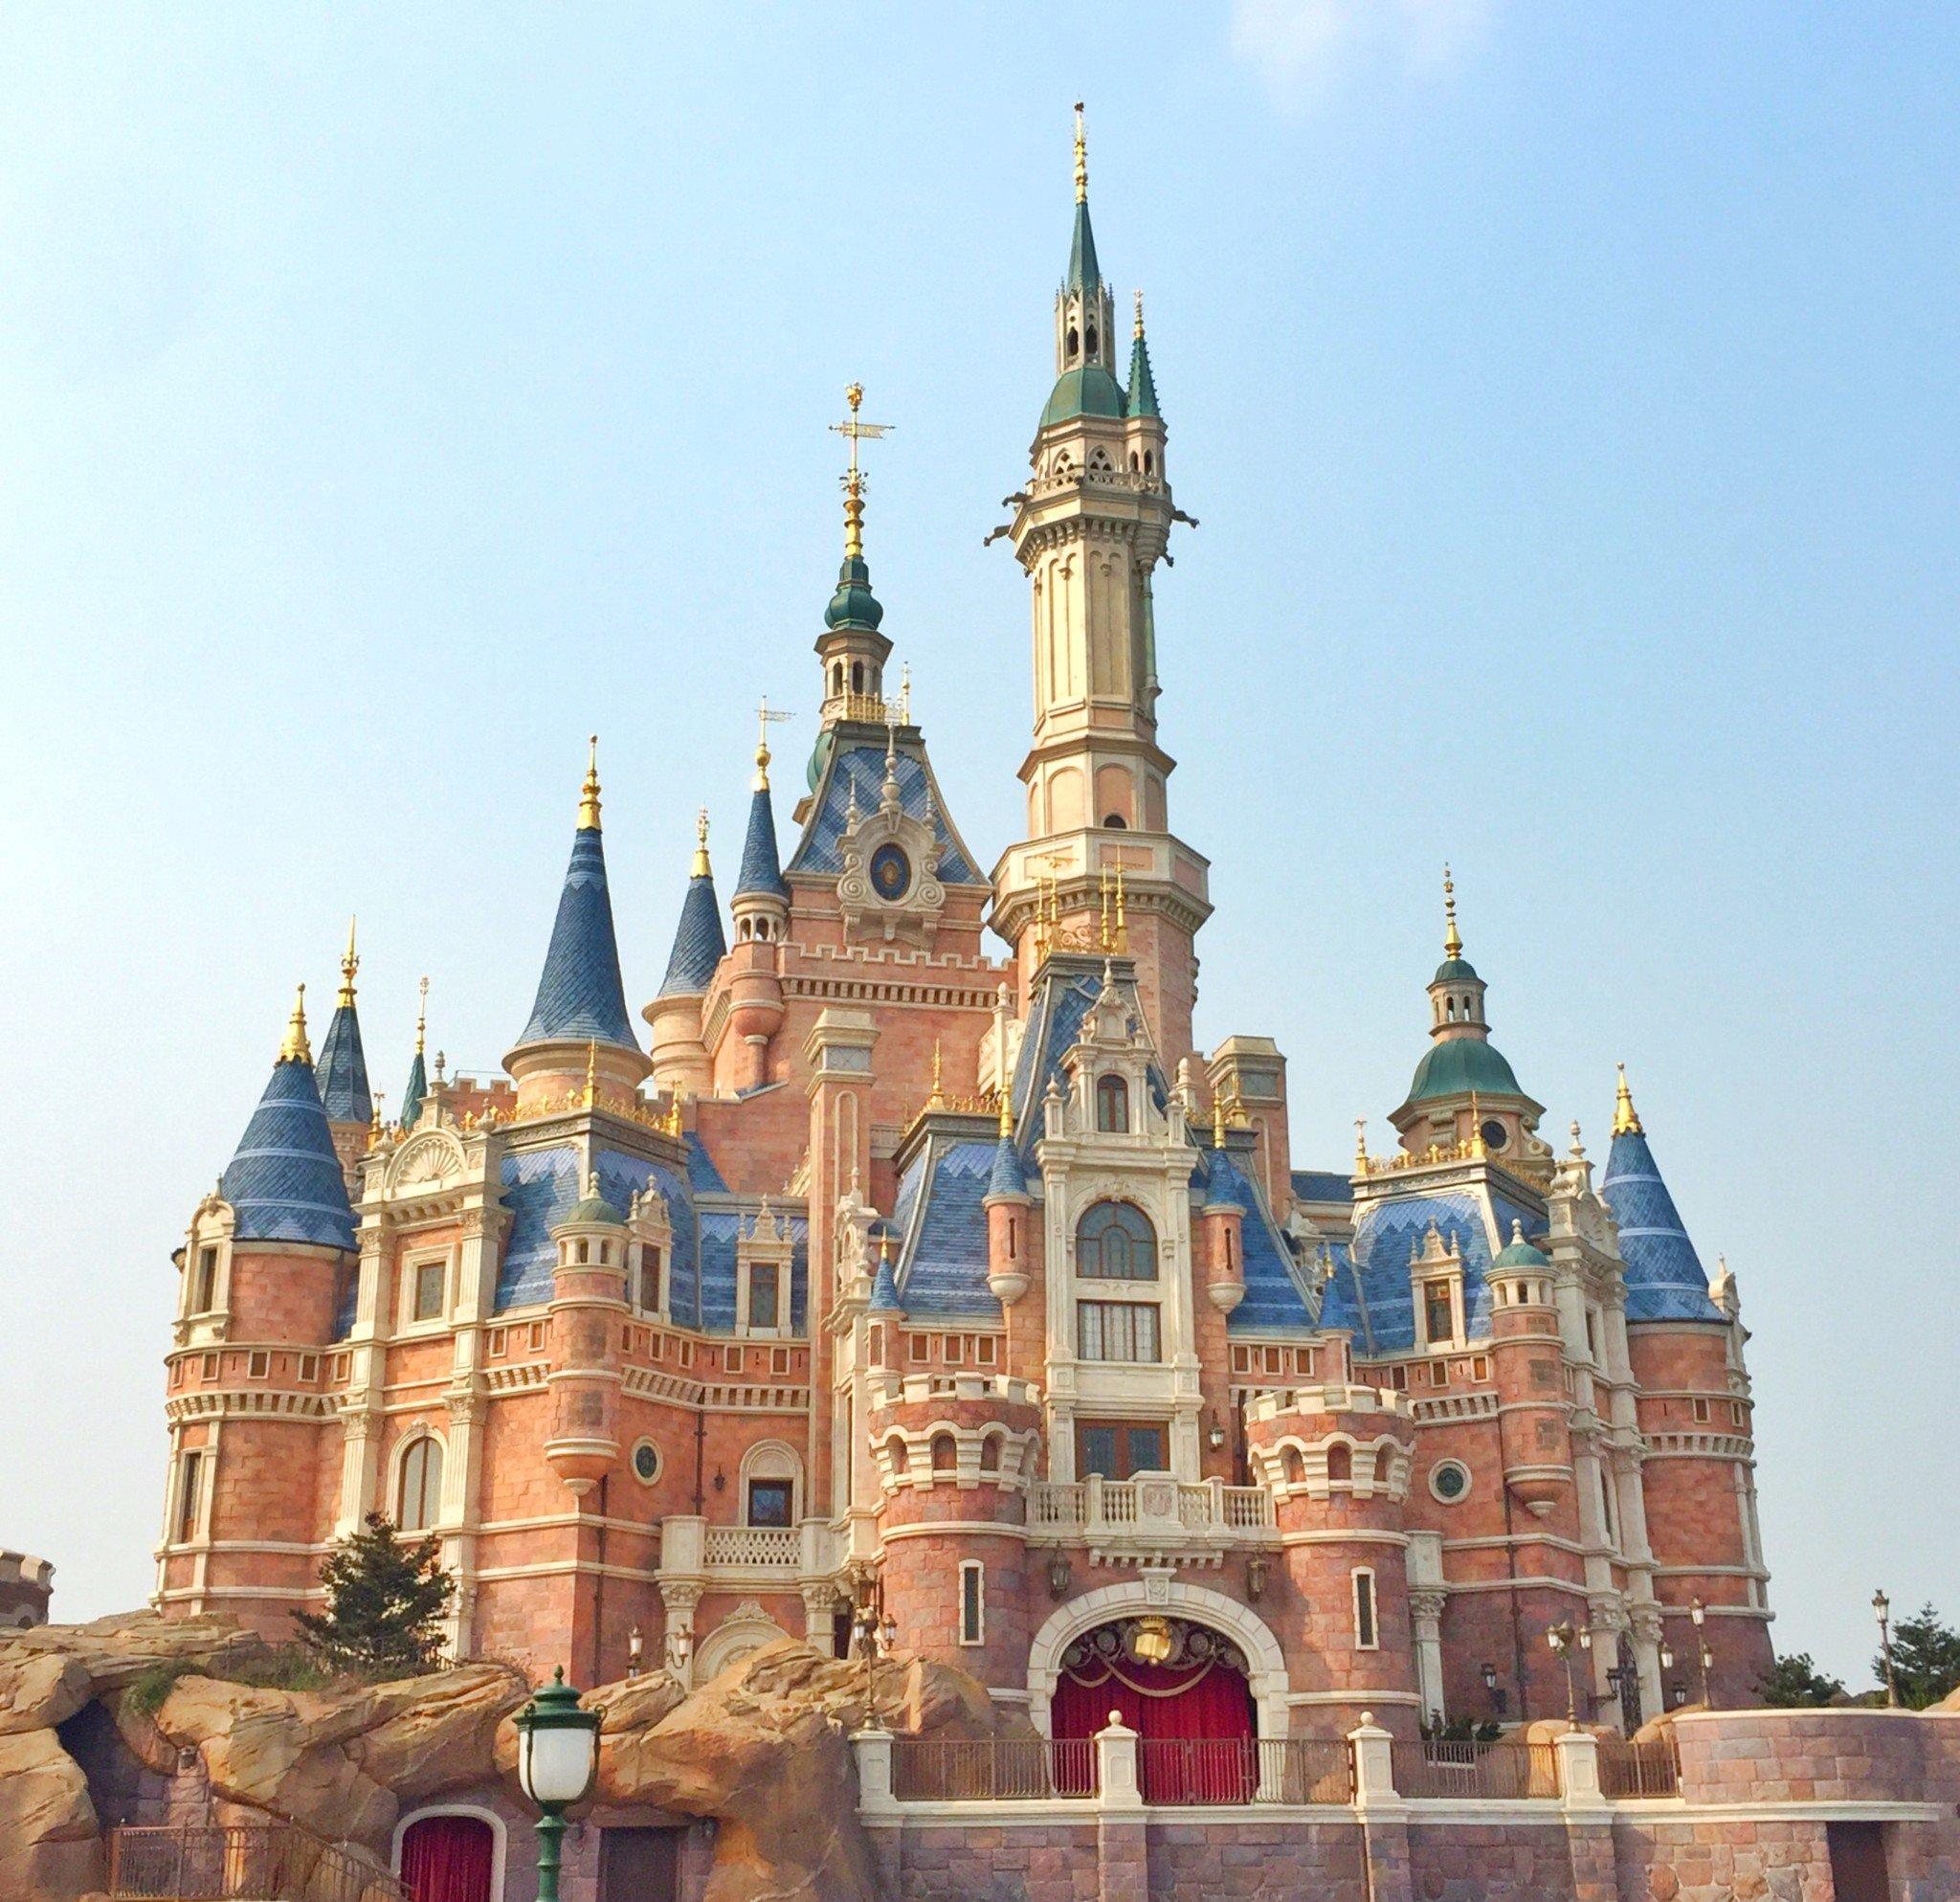 ❤上海迪士尼❤时隔五年的公主梦与少女心